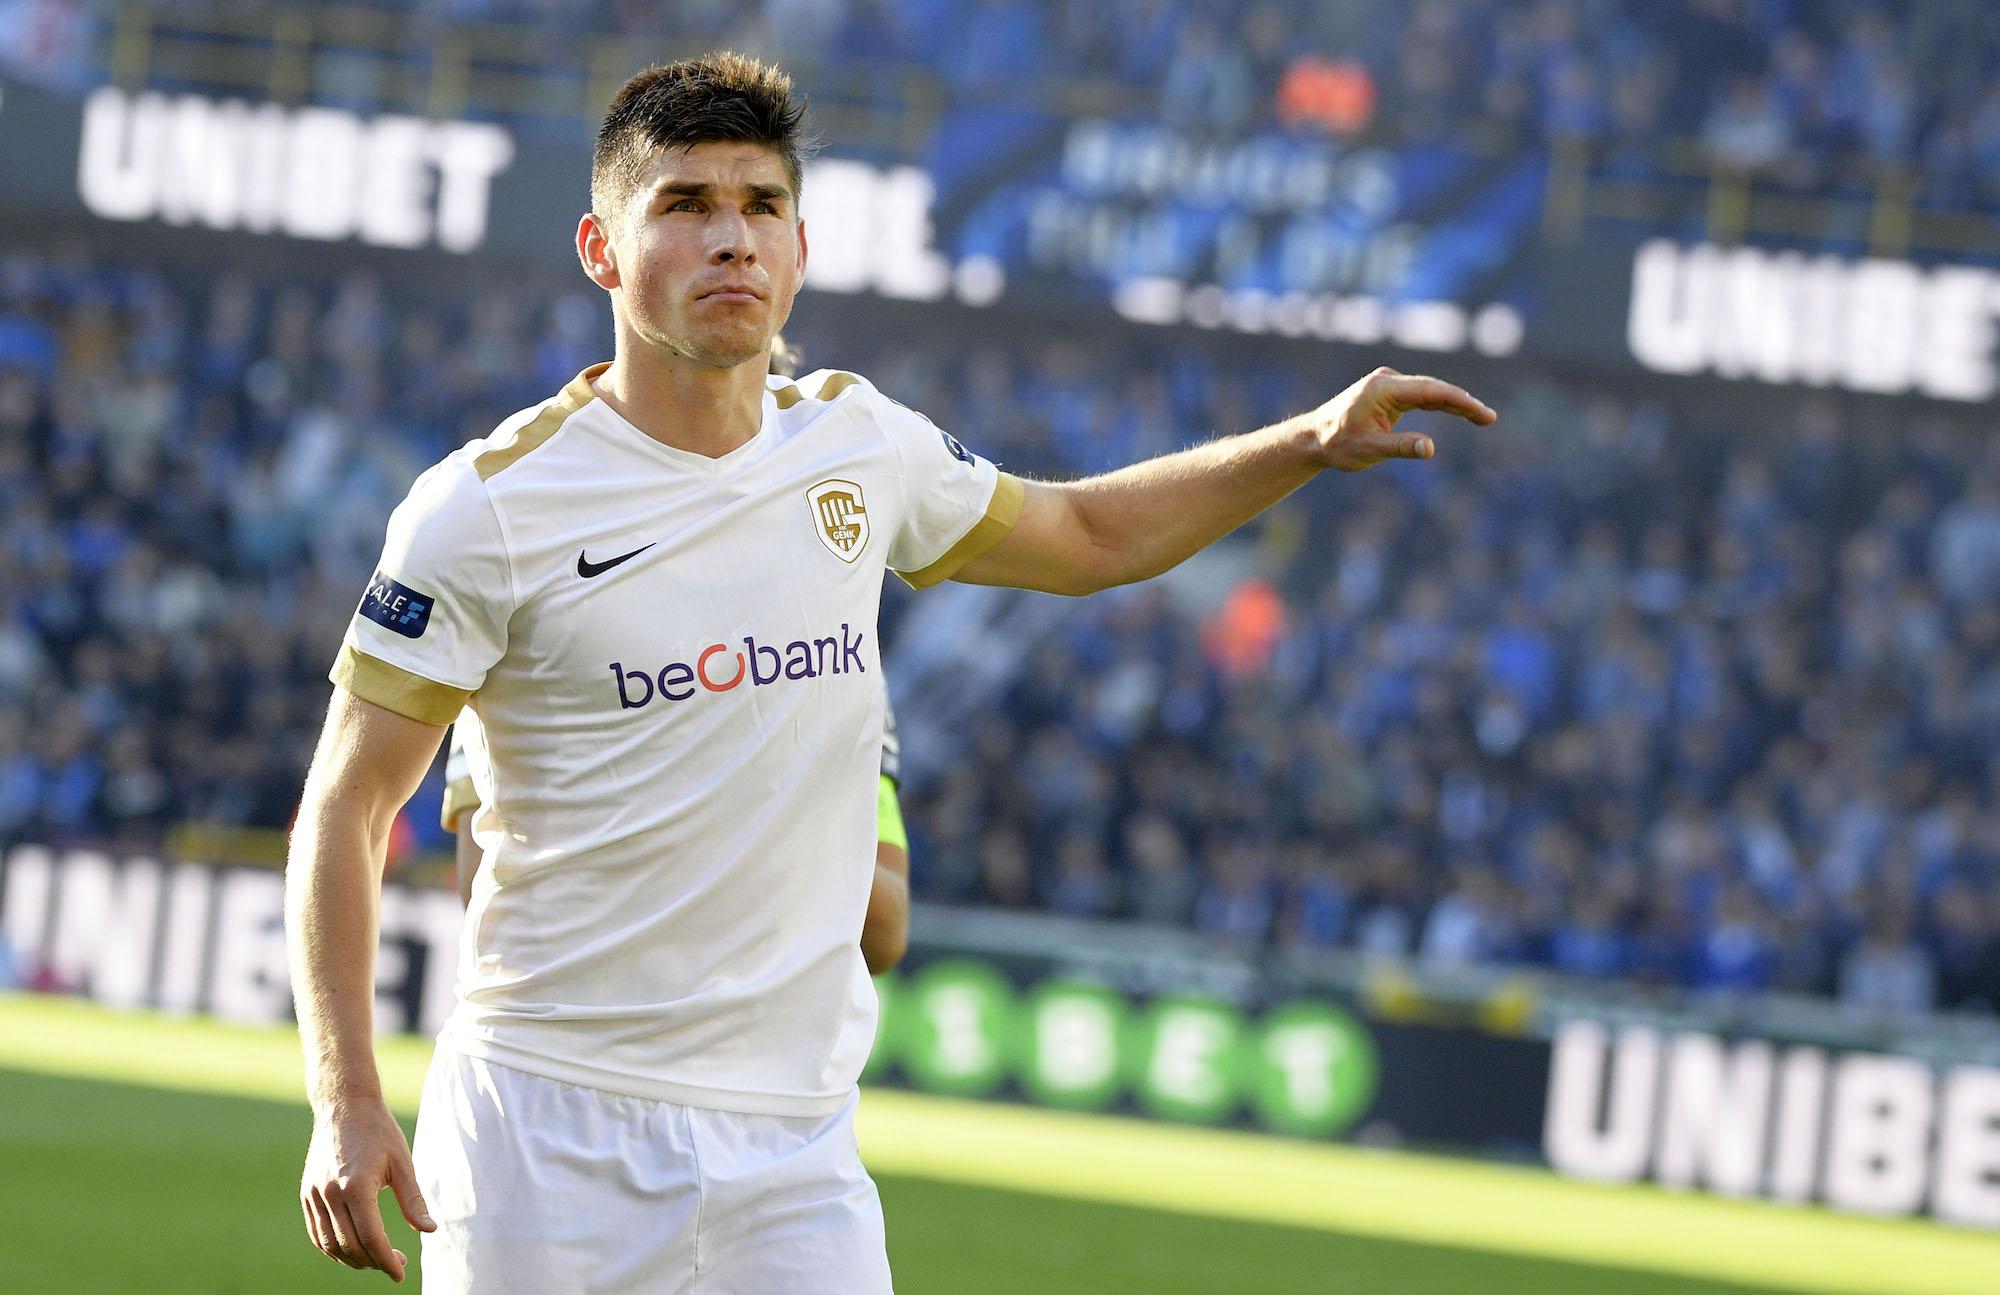 Agent reveals that Milan wanted Ukraine international midfielder